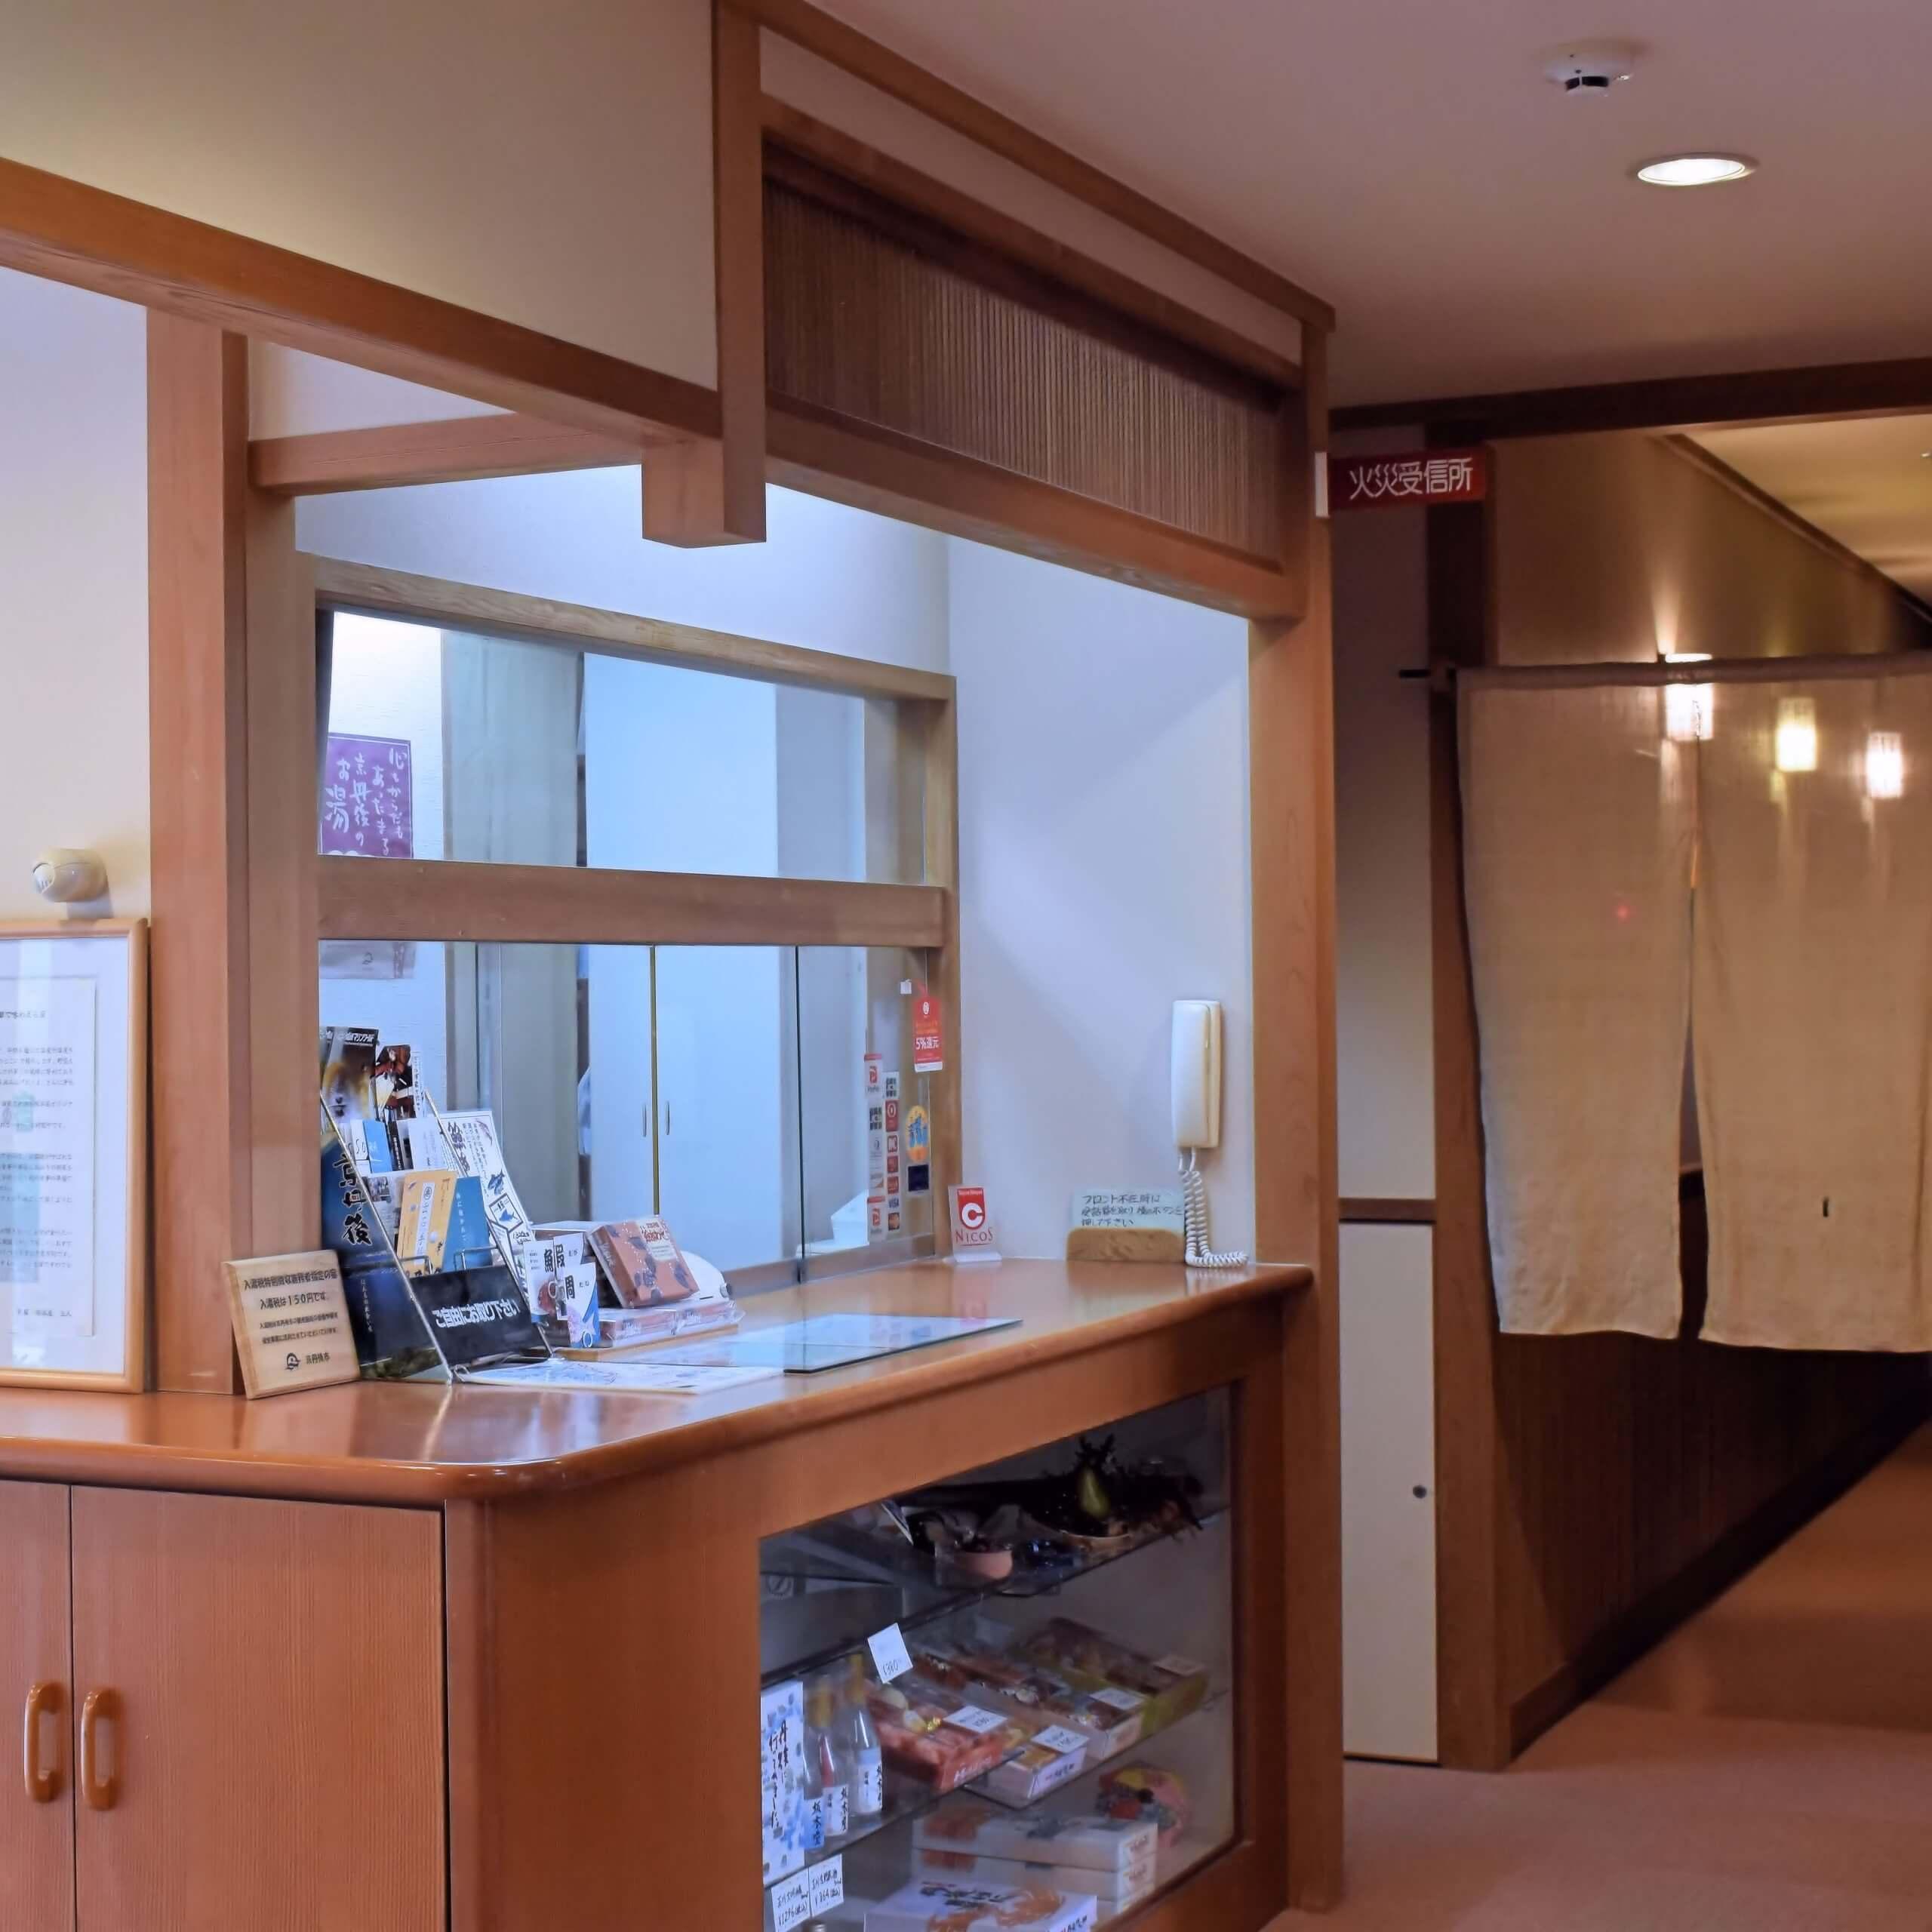 坂本屋旅館民宿フロント